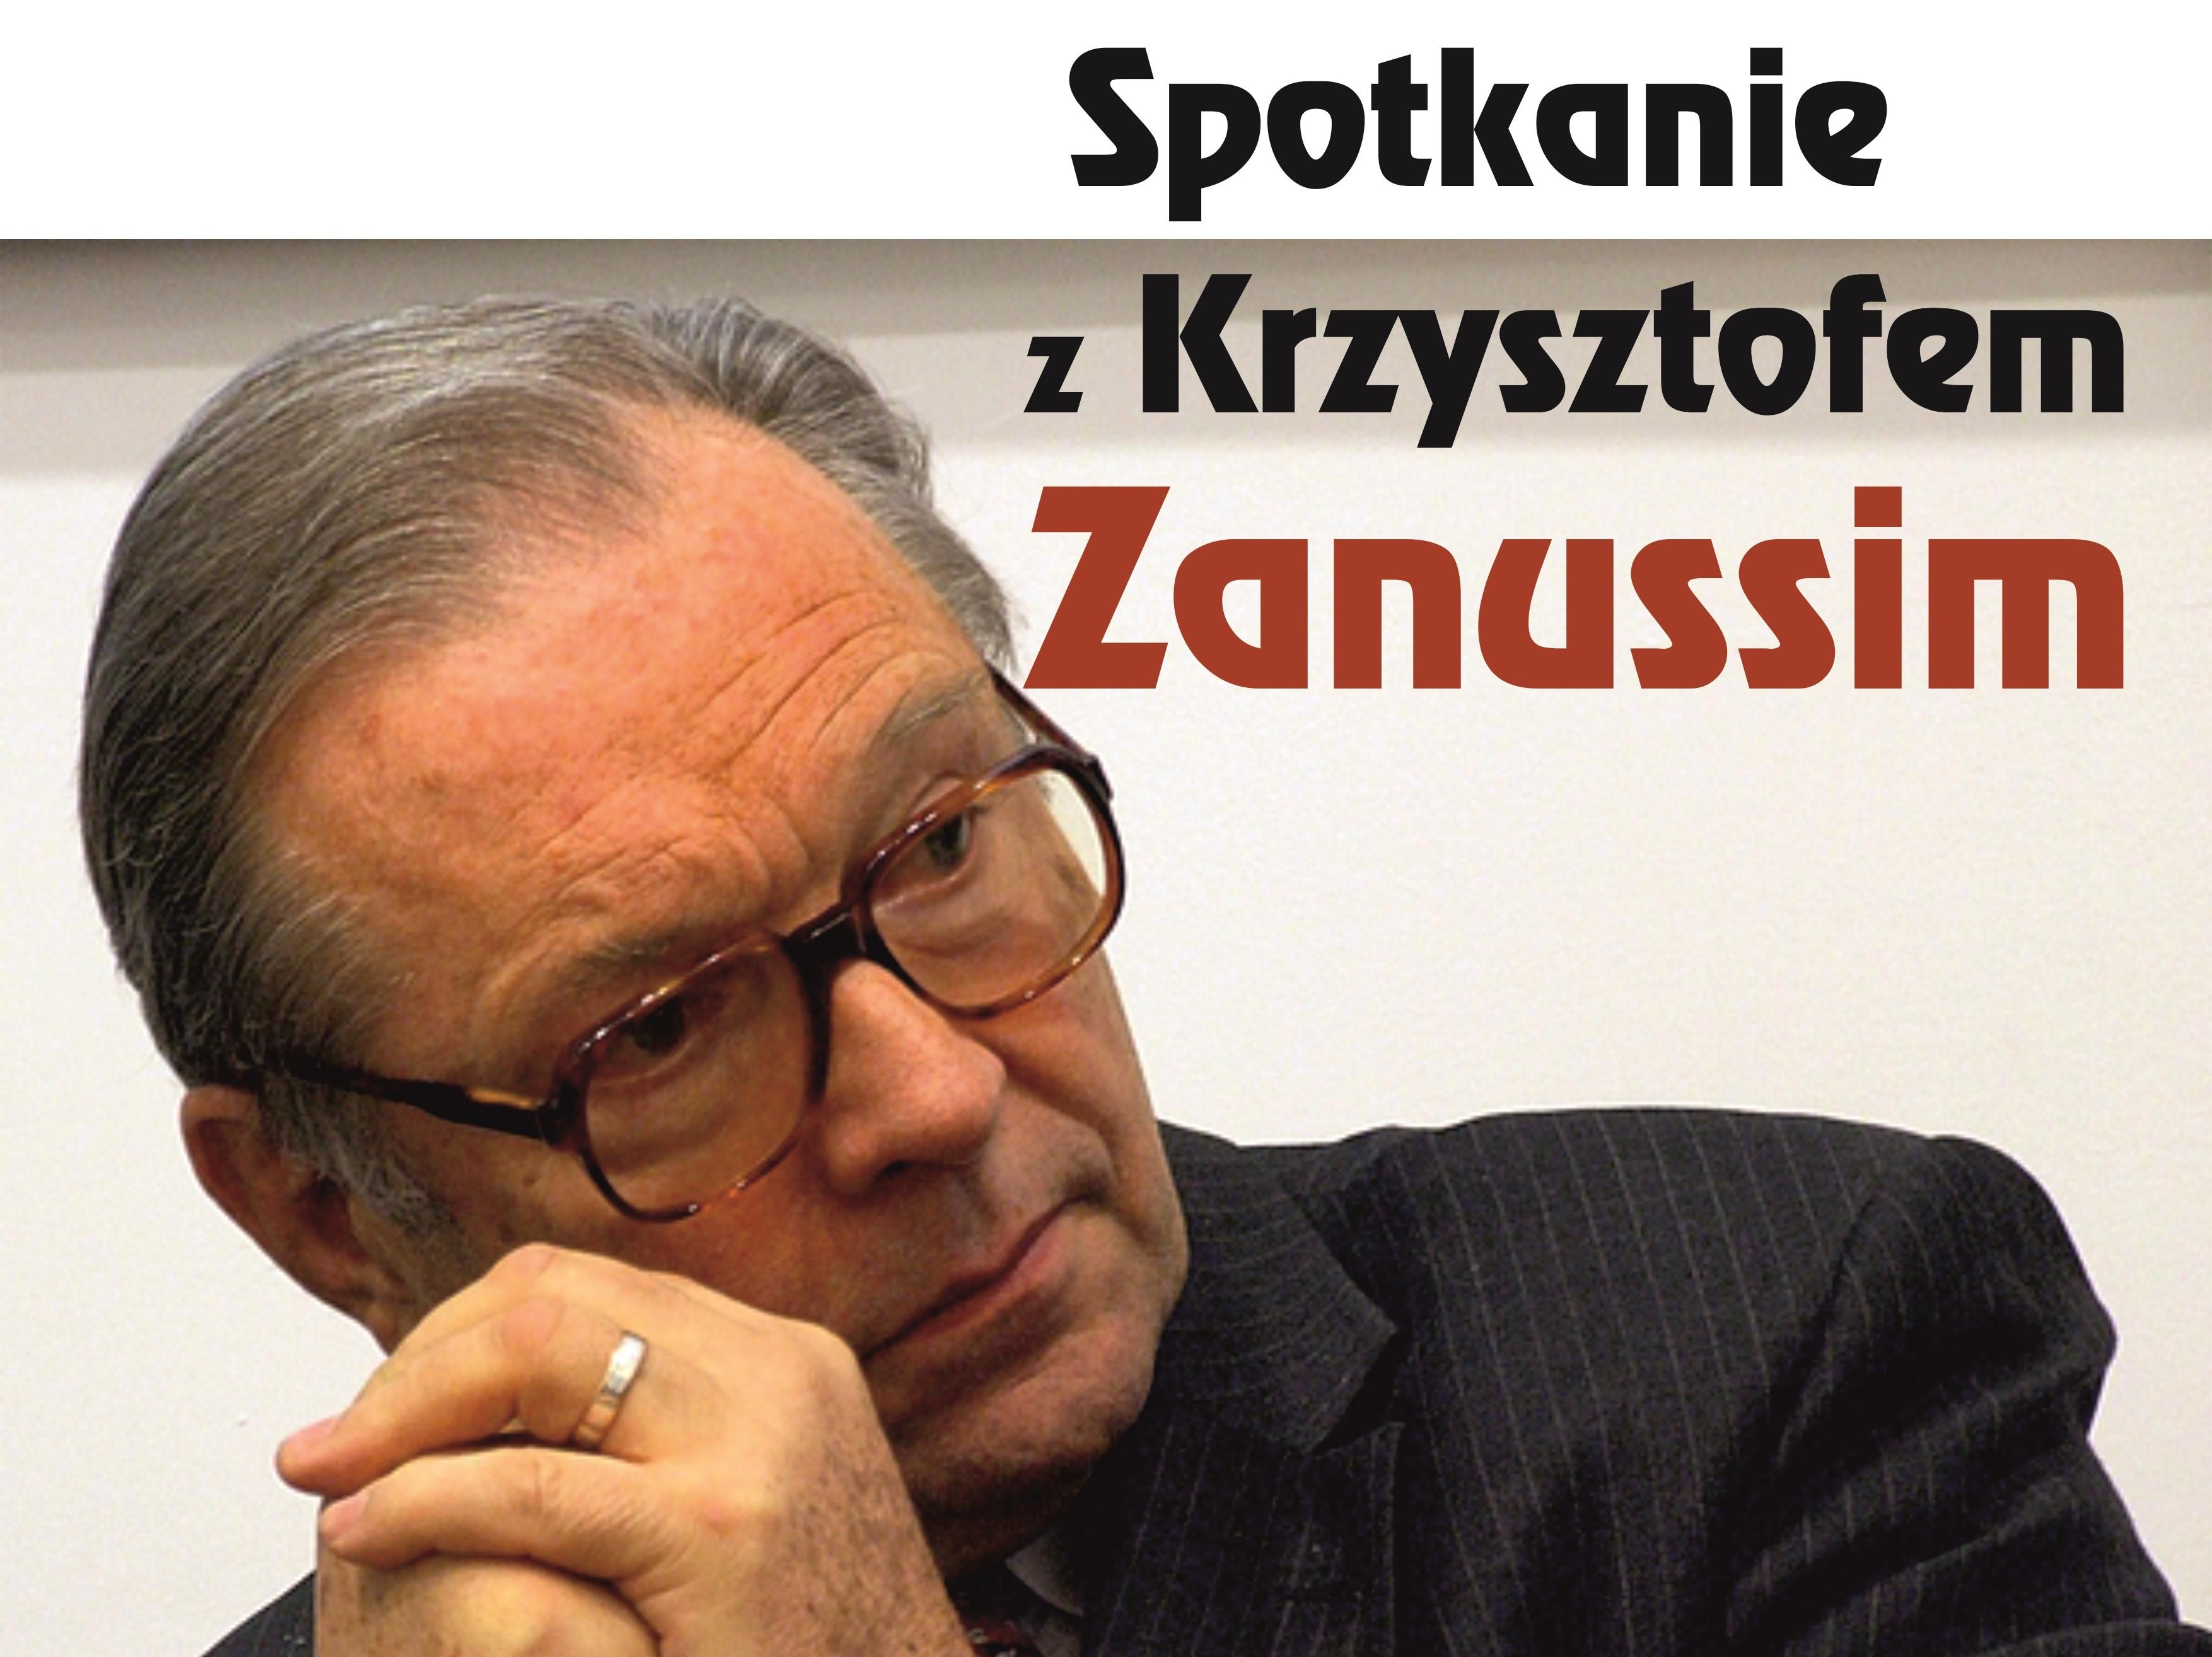 Photo of Krzysztof Zanussi w niedzielę w Piotrkowie